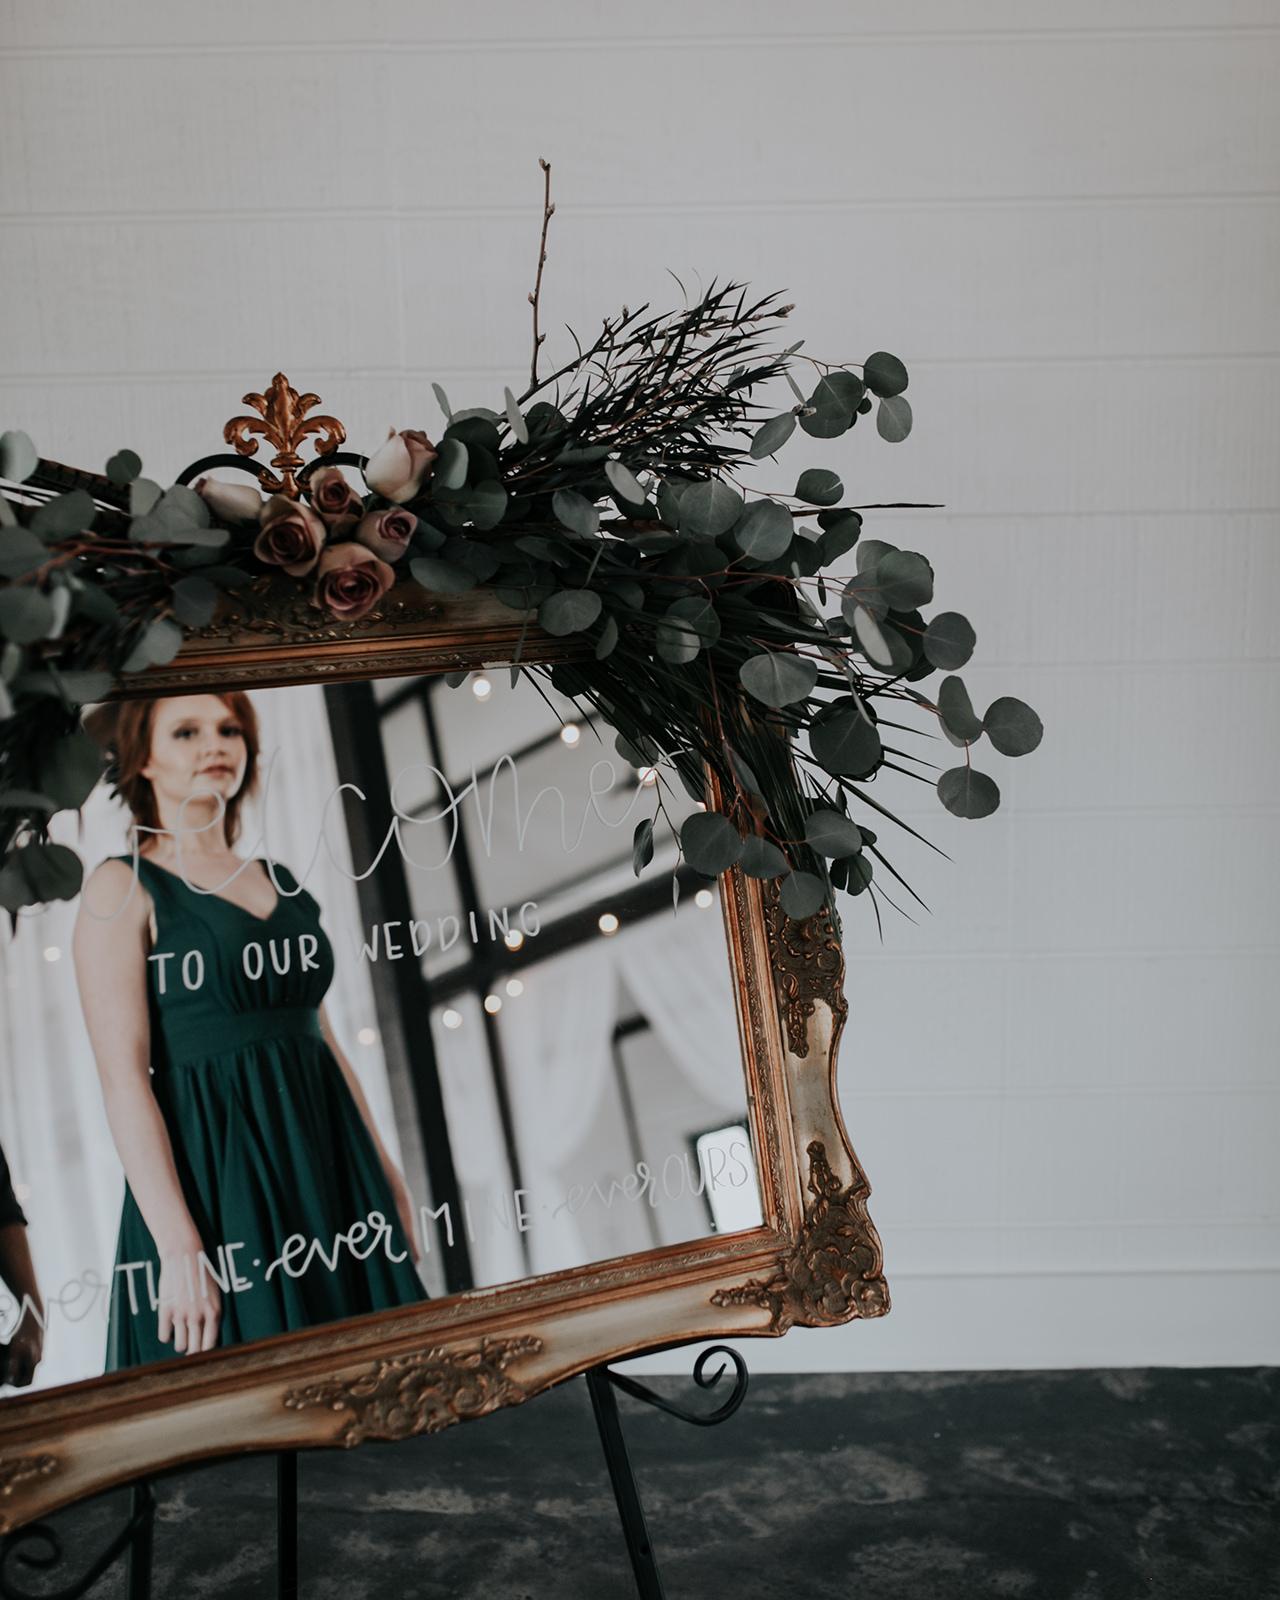 Dream Point Ranch Tulsa Wedding Venue Edgy Bride 15.jpg